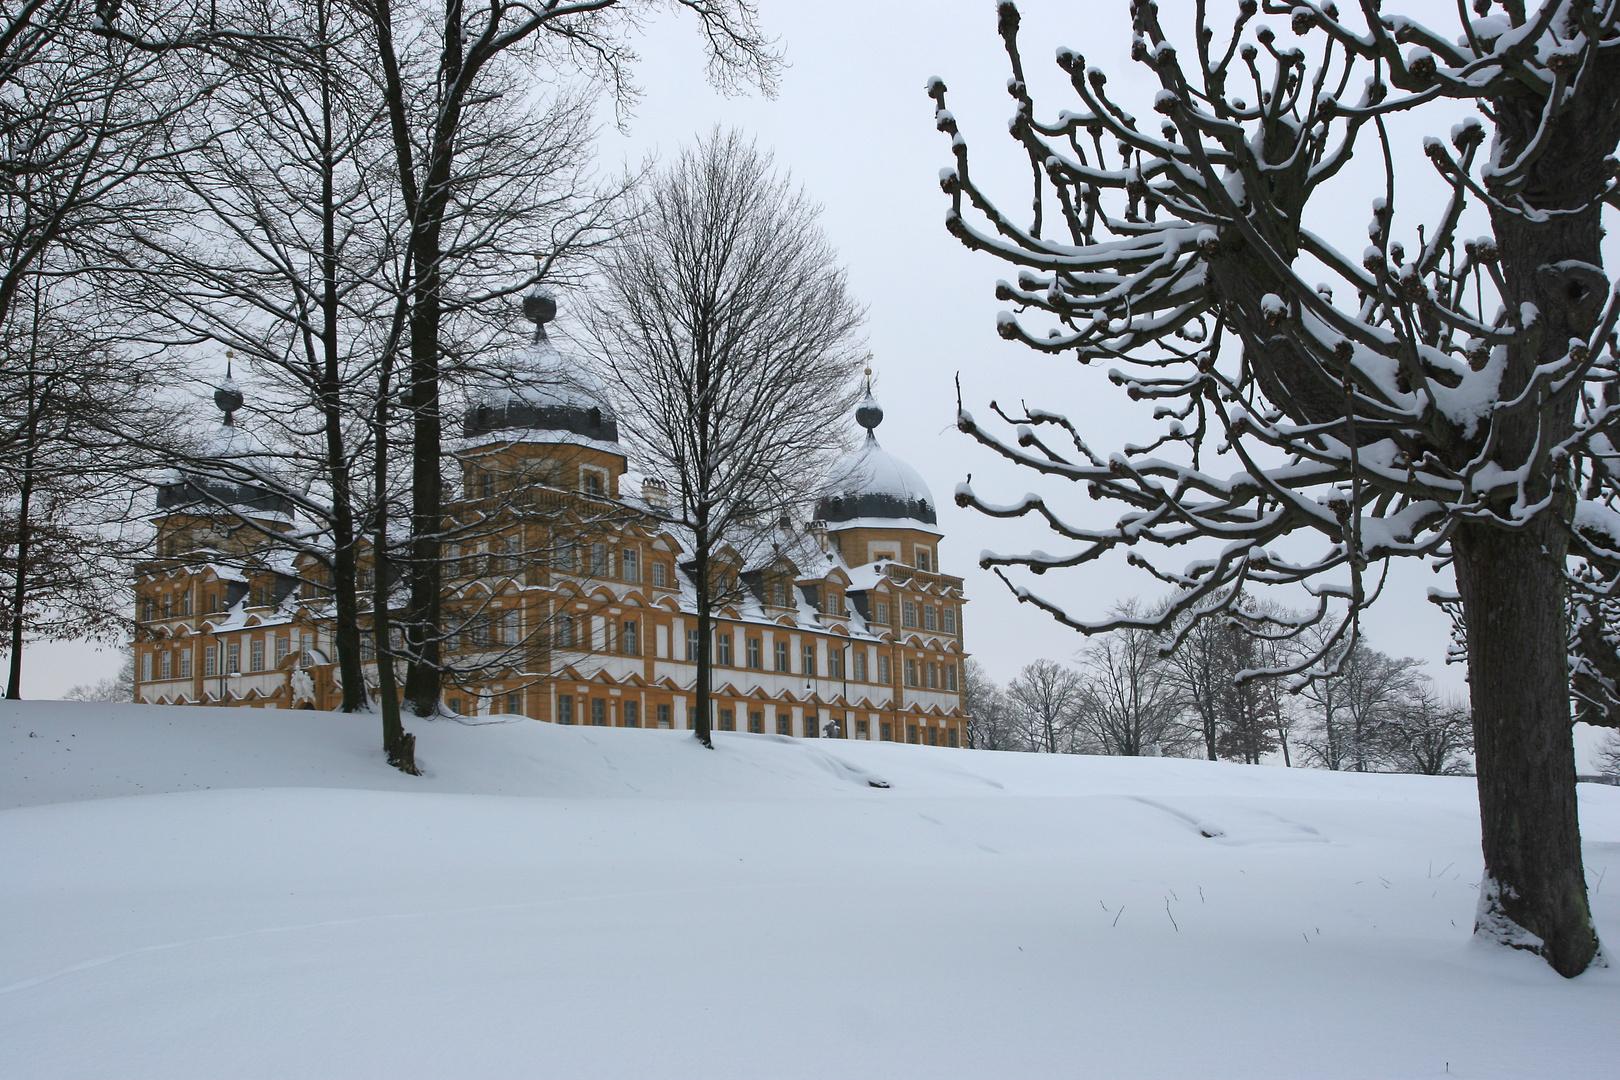 Winterliches Schloss Seehof